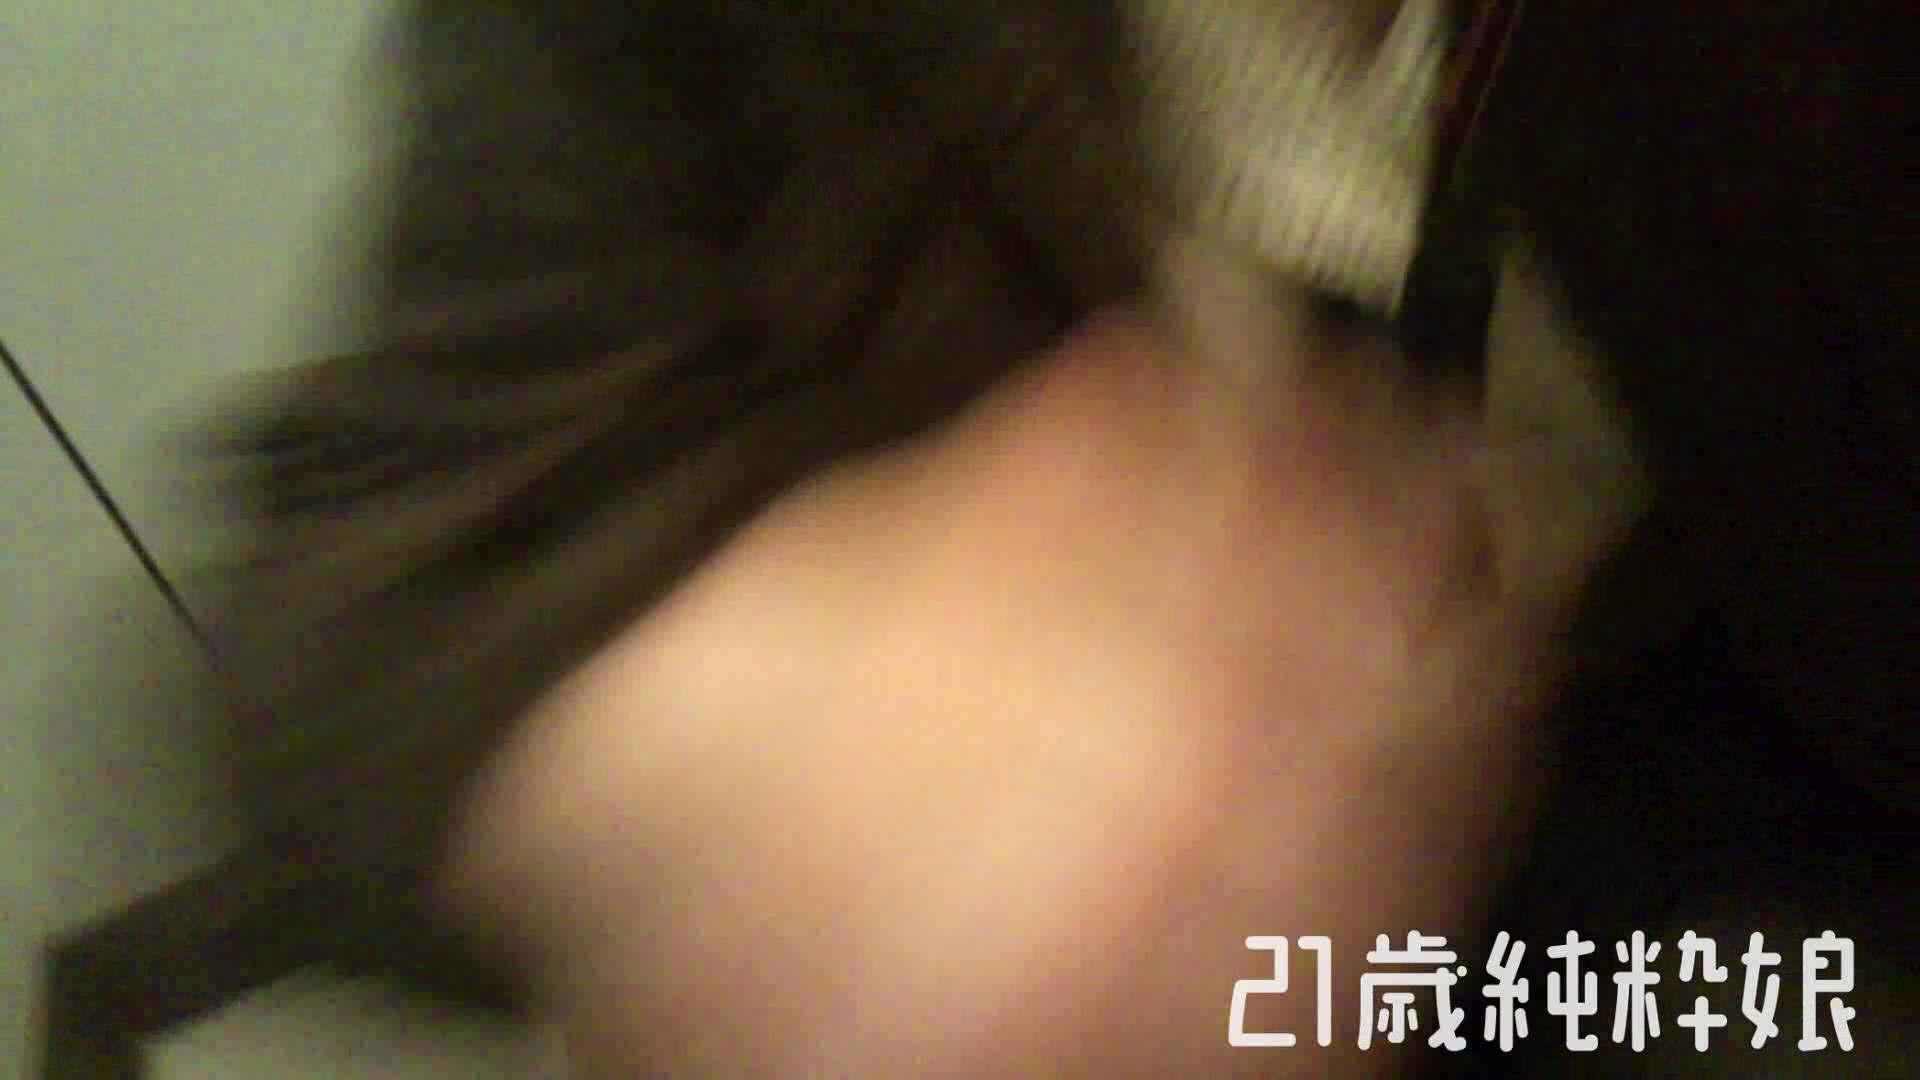 Gカップ21歳純粋嬢第2弾Vol.5 一般投稿  99連発 49